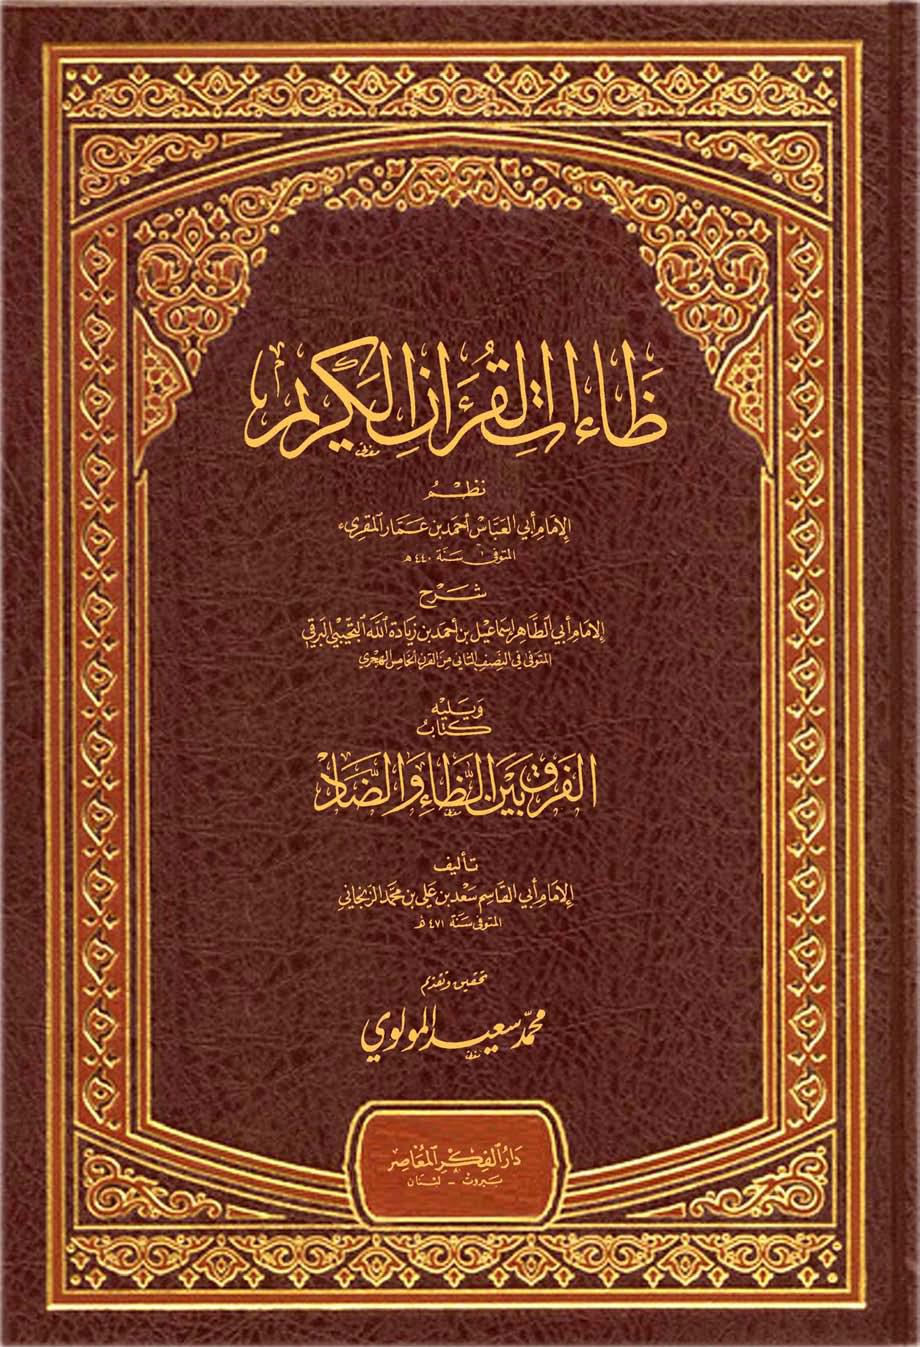 تحميل كتاب ظاءات القرآن الكريم، ويليه: الفرق بين الظاء والضاد لـِ: الإمام أبو العباس أحمد بن عمار المهدوي (ت 440)